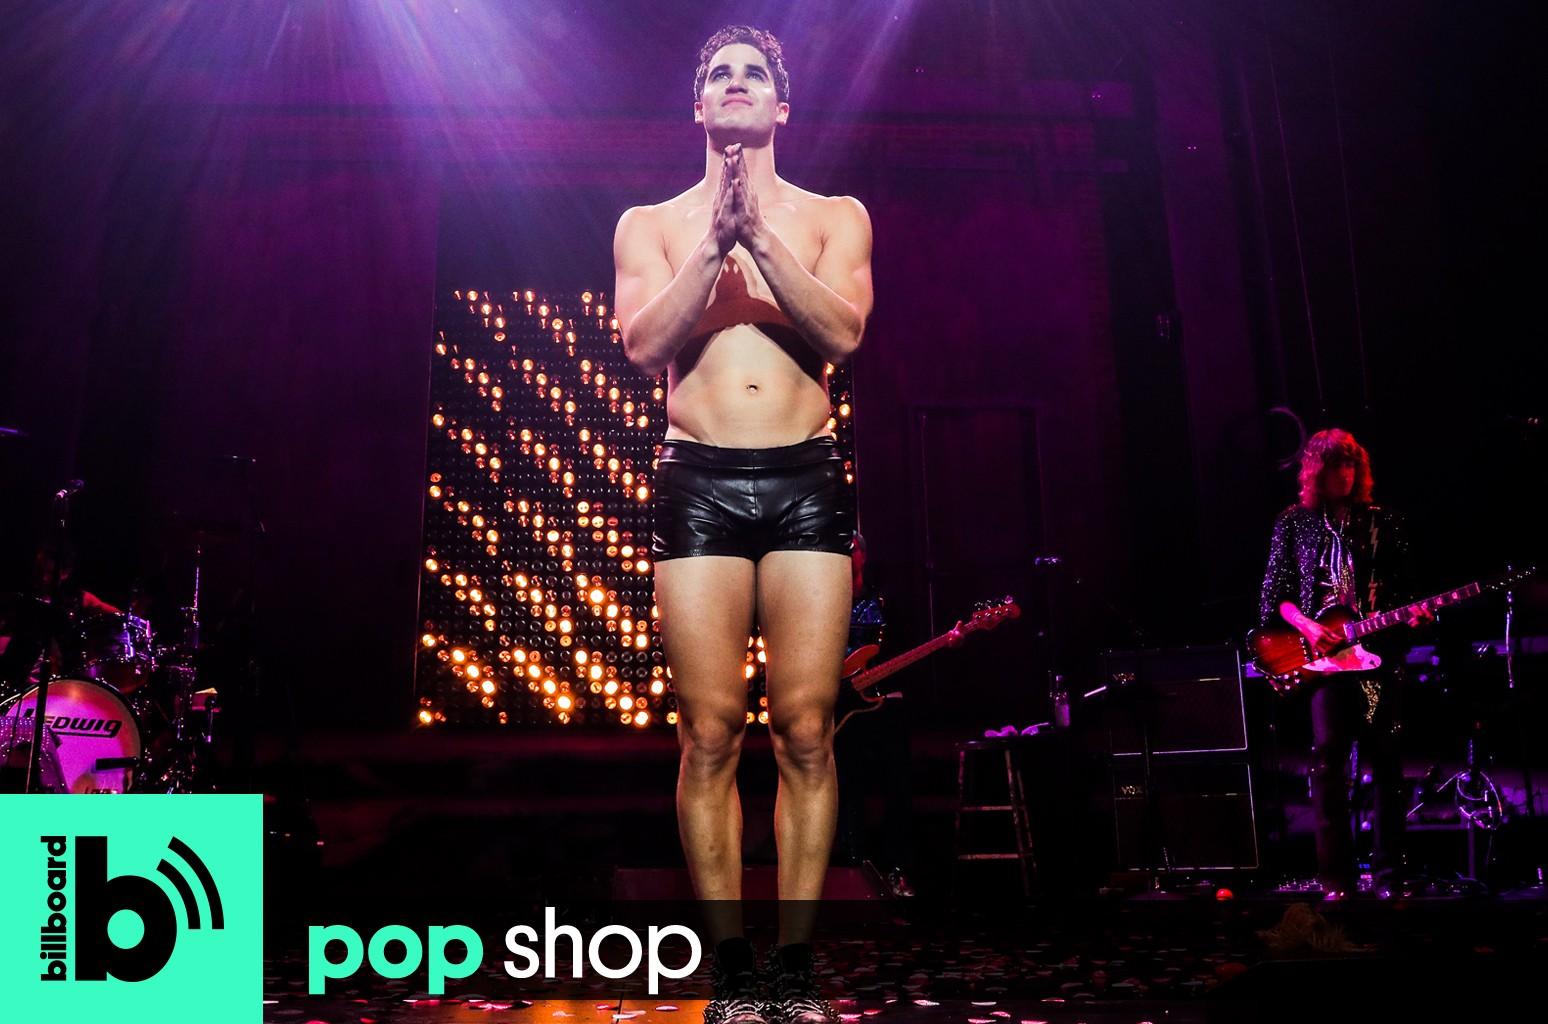 Pop Shop Podcast featuring: Darren Criss